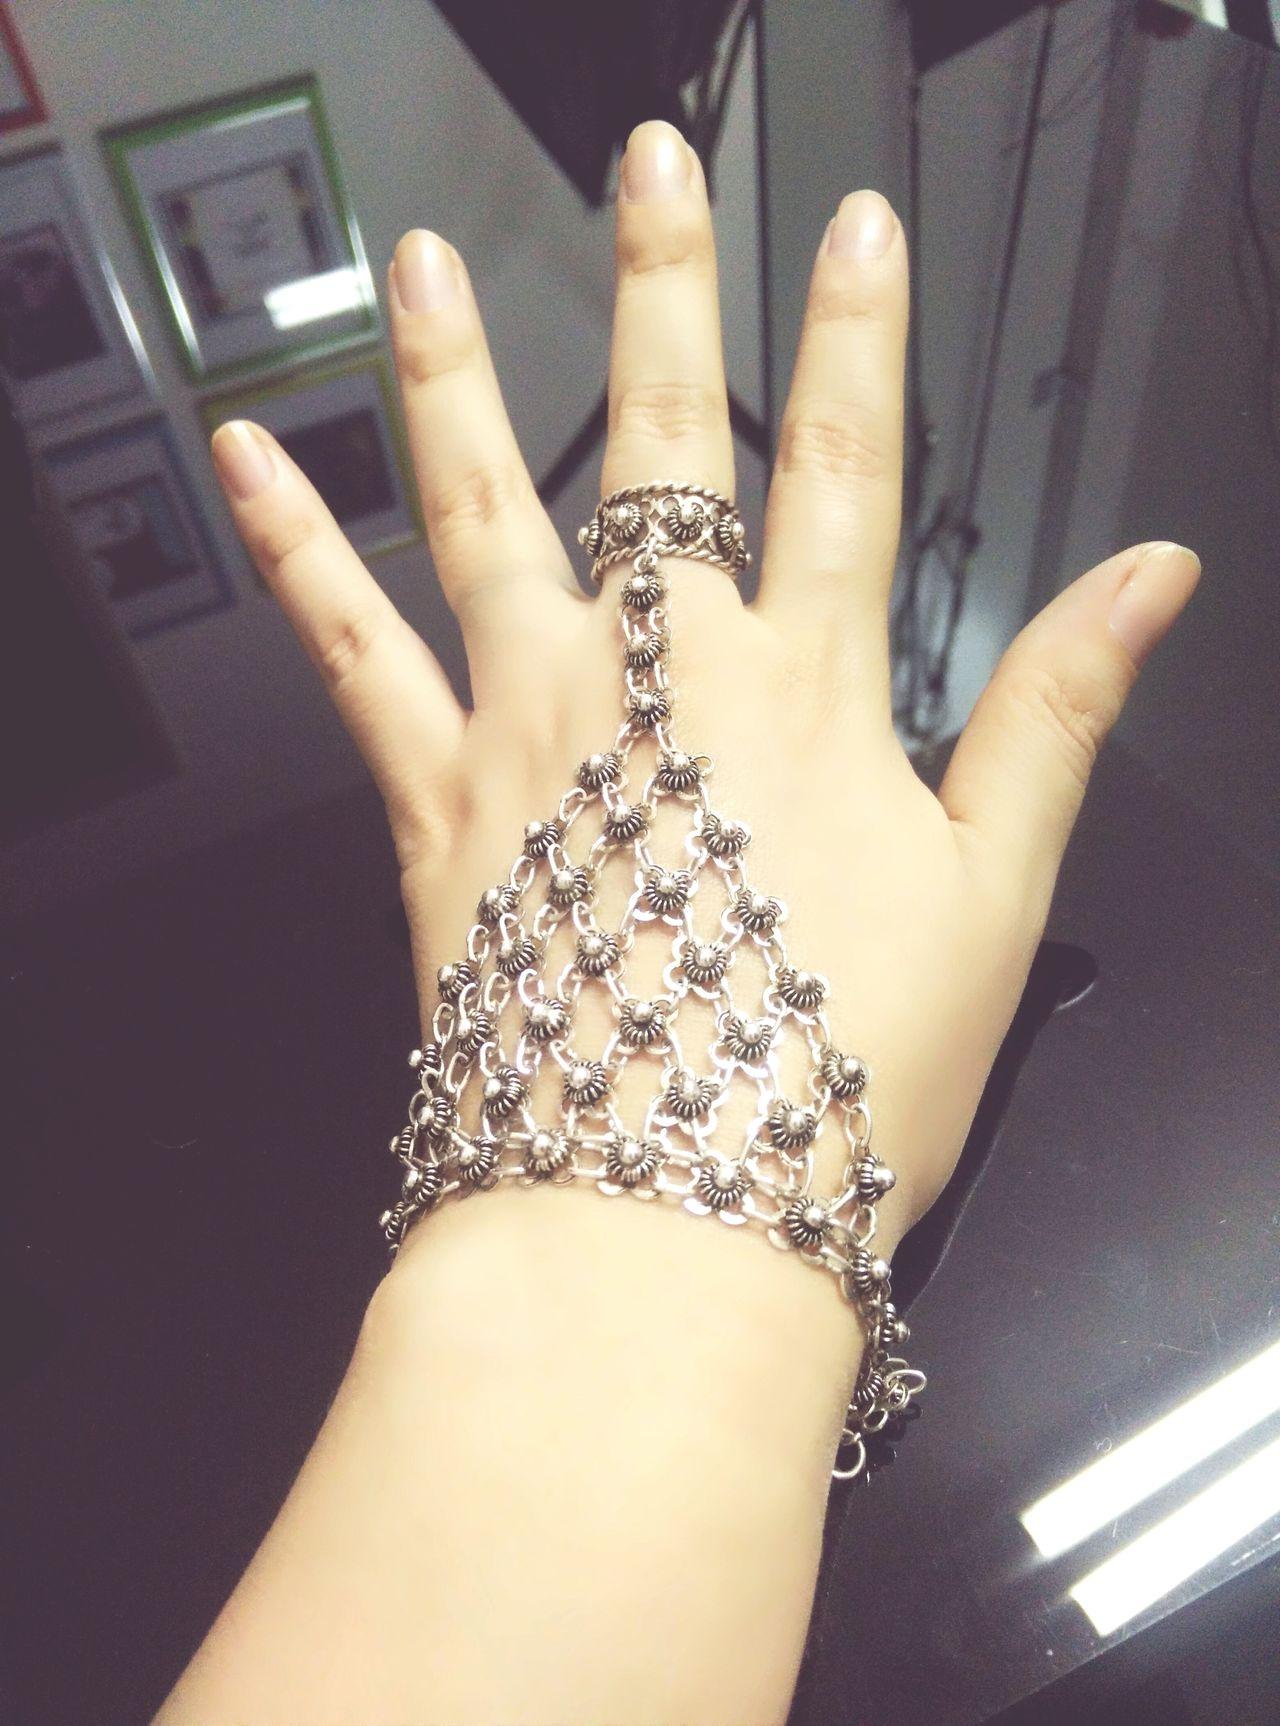 Bracelet Bracelets✨ Rings 💍 Cute♡